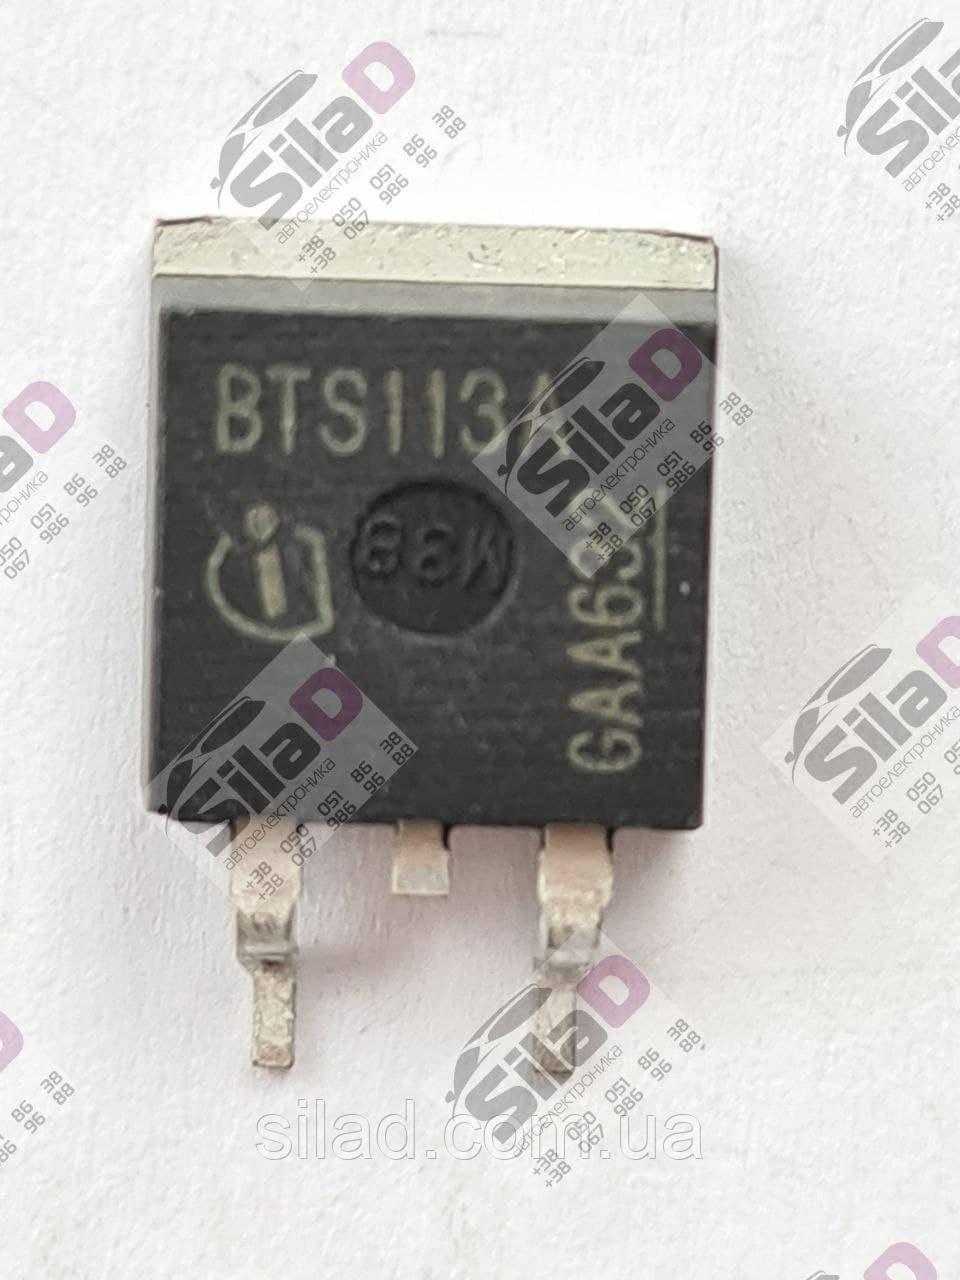 Транзистор BTS113A Infineon корпус TO-263